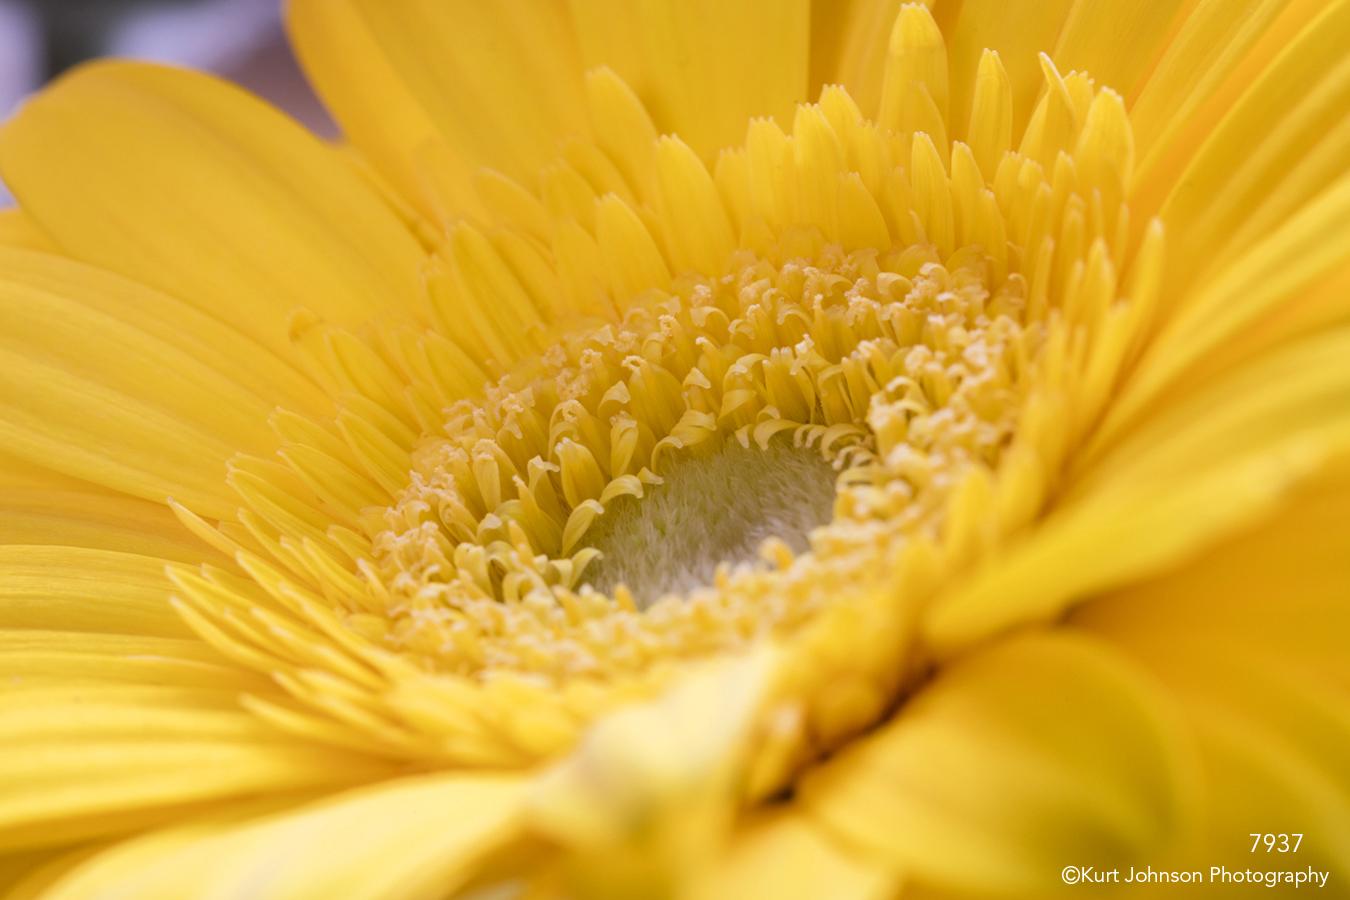 yellow flower closeup texture detail